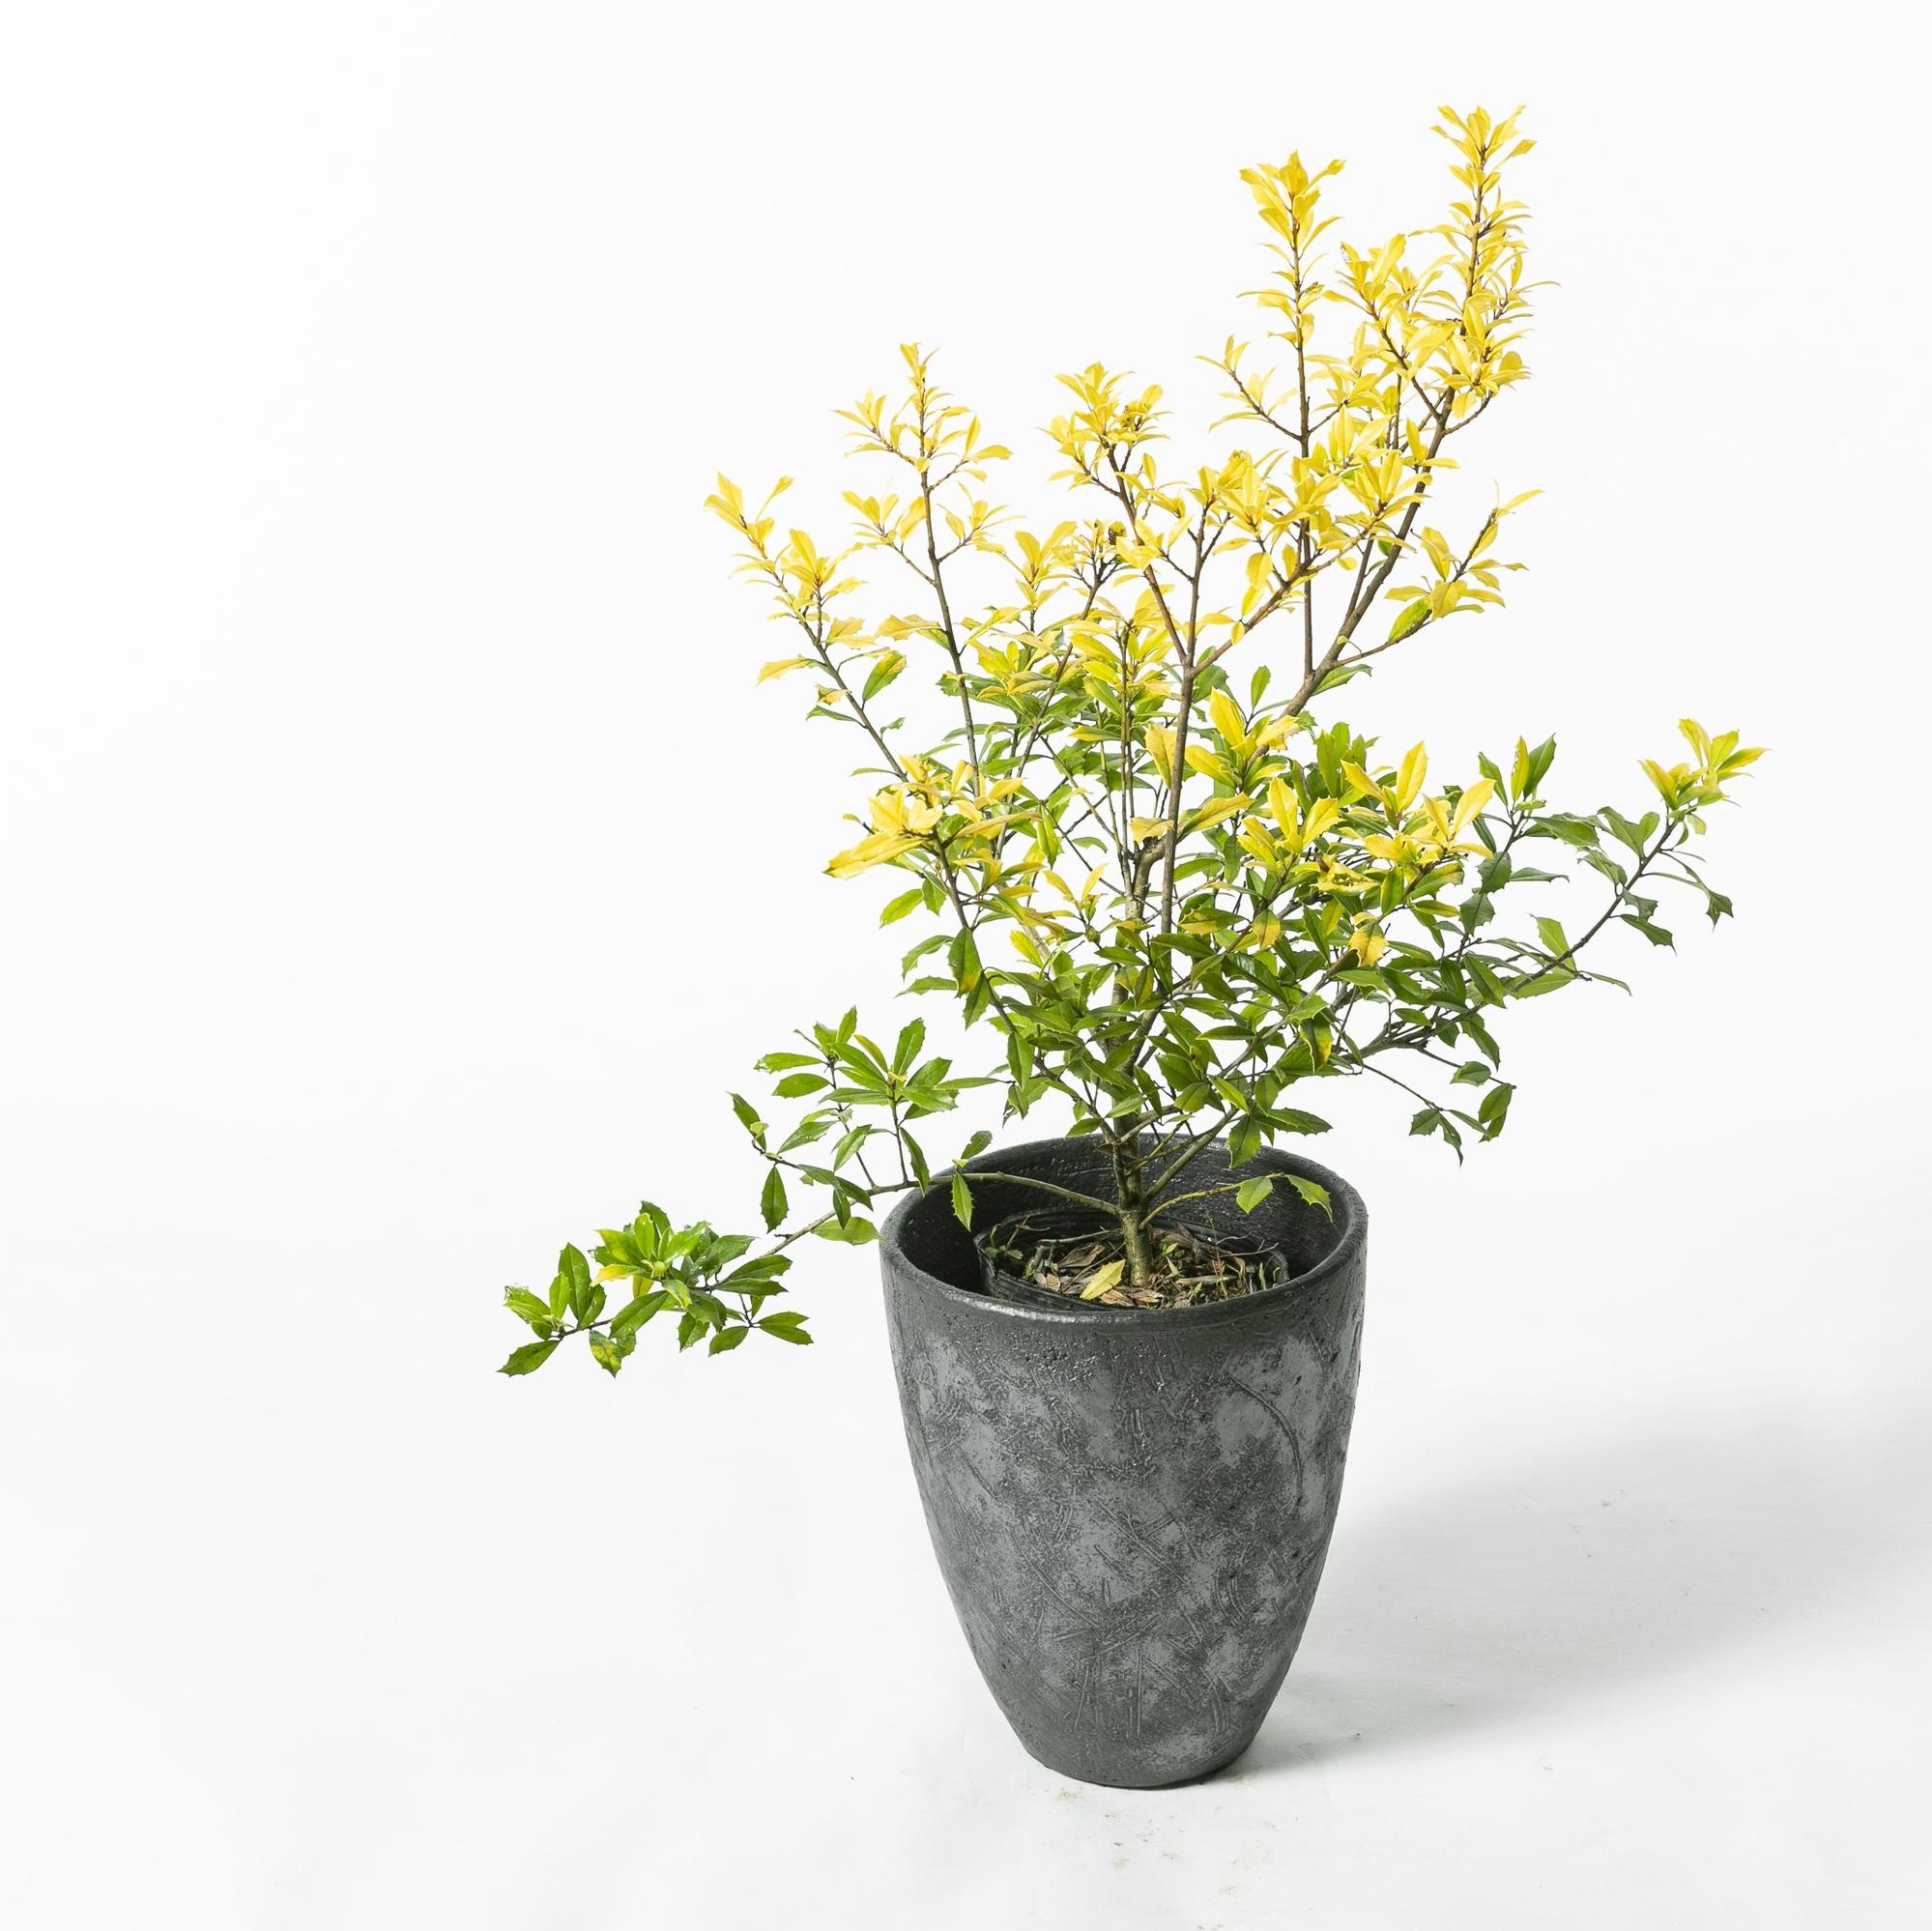 イレックス サニーフォスター 植栽 お庭 ガーデン